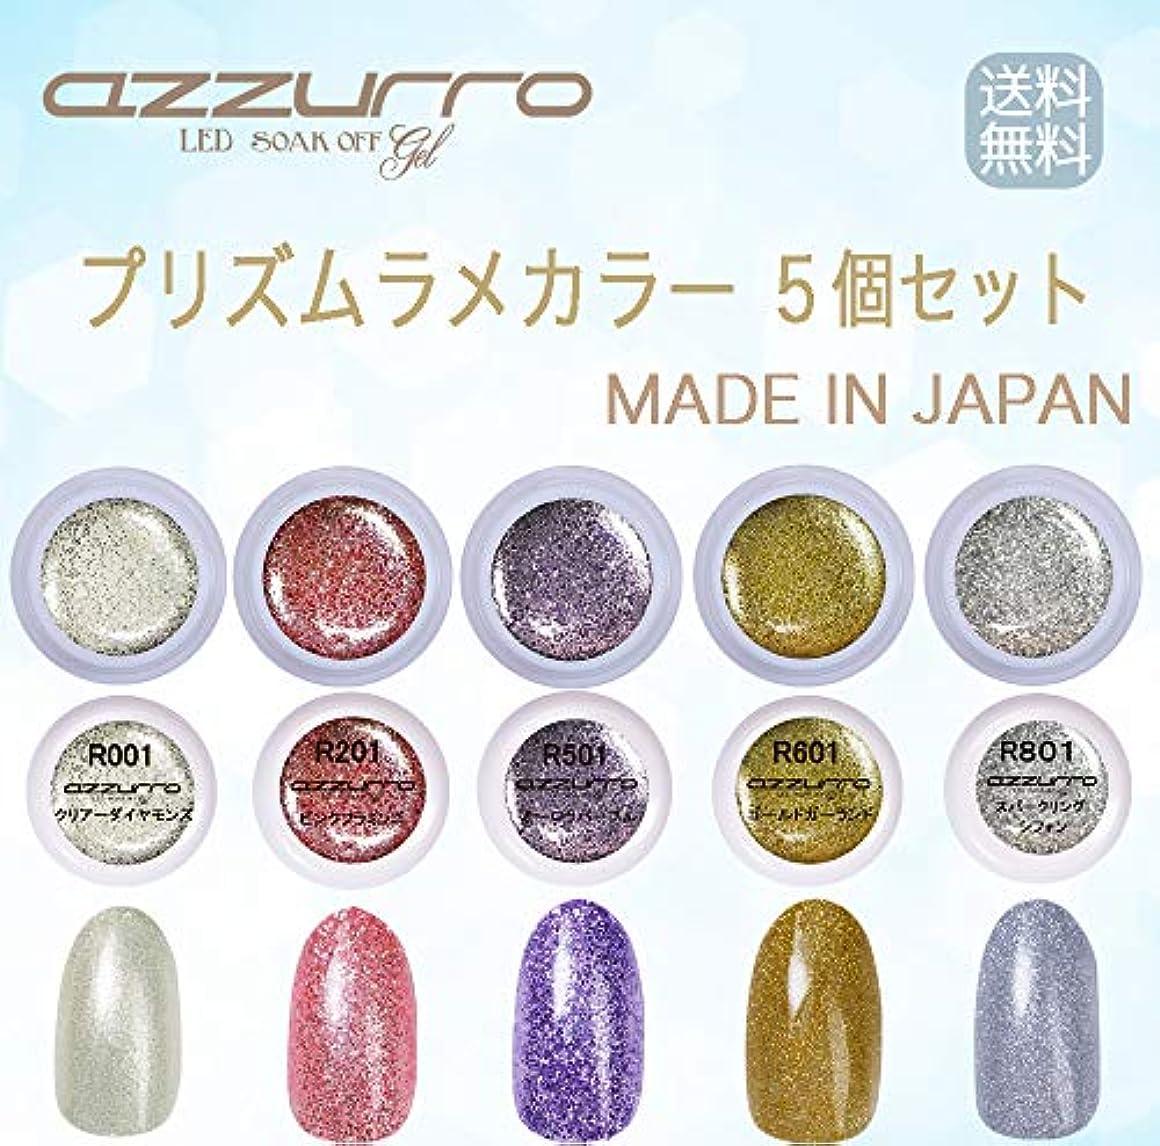 確立テレビを見るフィードオン【送料無料】日本製 azzurro gel プリズムラメカラージェル5個セット キラキラネイルにぴったりなカラー